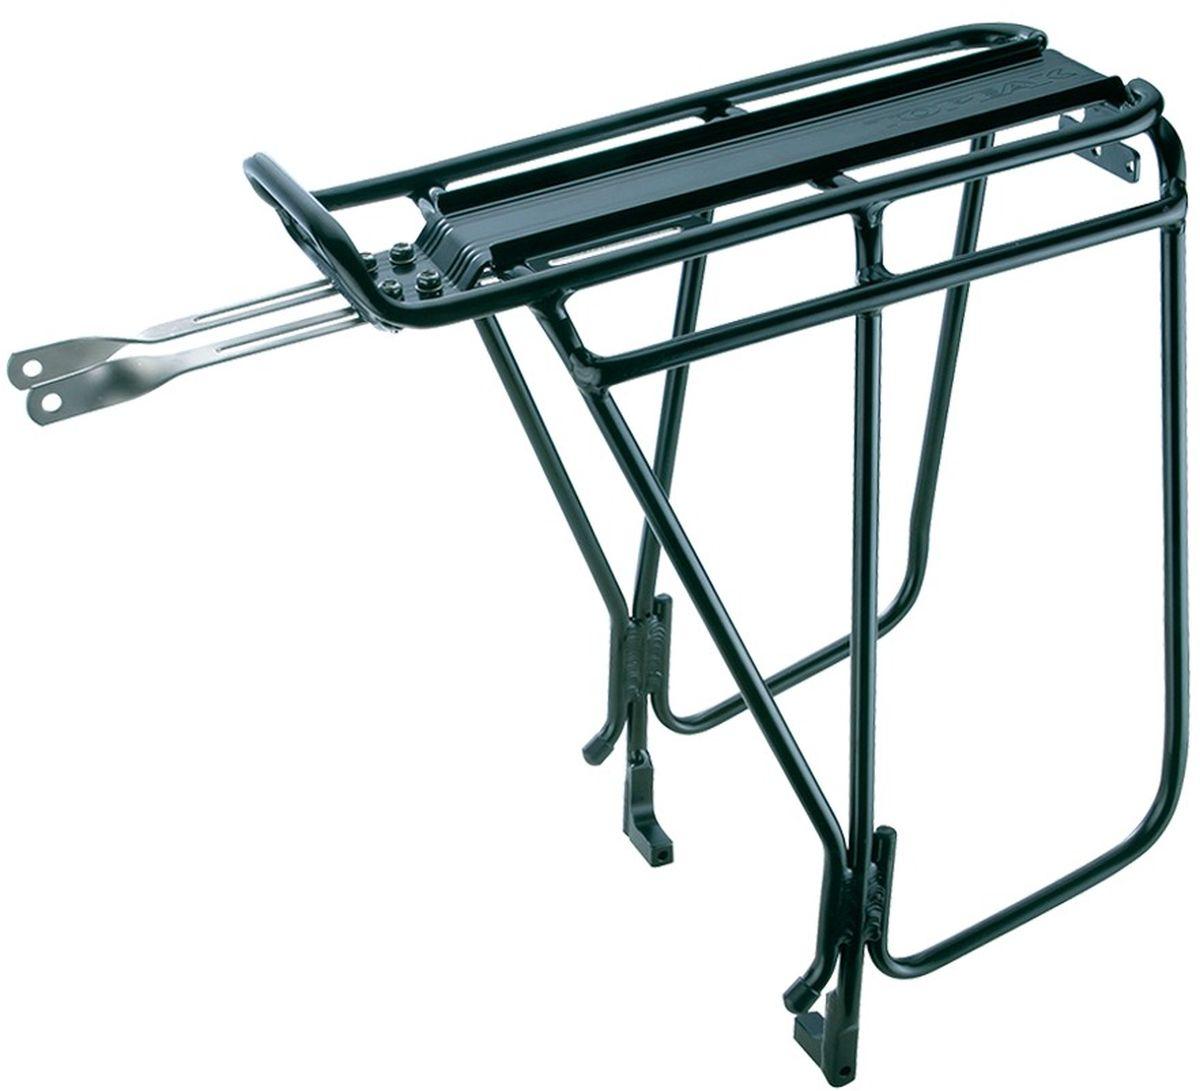 Багажник задний TOPEAK Super Tourist DX Tubular Rack, с держателями боковых сумок, для дисковых тормозовTA2036-BПодходит для колес 26 , 27,5 (650B) и 700C с дисковыми тормозами. Самая жесткий алюминиевый багажник, предназначенная для тяжелых и длительных поездок. Специально разработан для велосипедов, оснащенных дисковыми тормозами. Встроенная боковая панель обеспечивает более низкую точку прикрепления к корзине, что позволяет увеличить пространство для груза на верхней части стойки. QuickTrack совместим для использования с любым багажным модулем MTX.